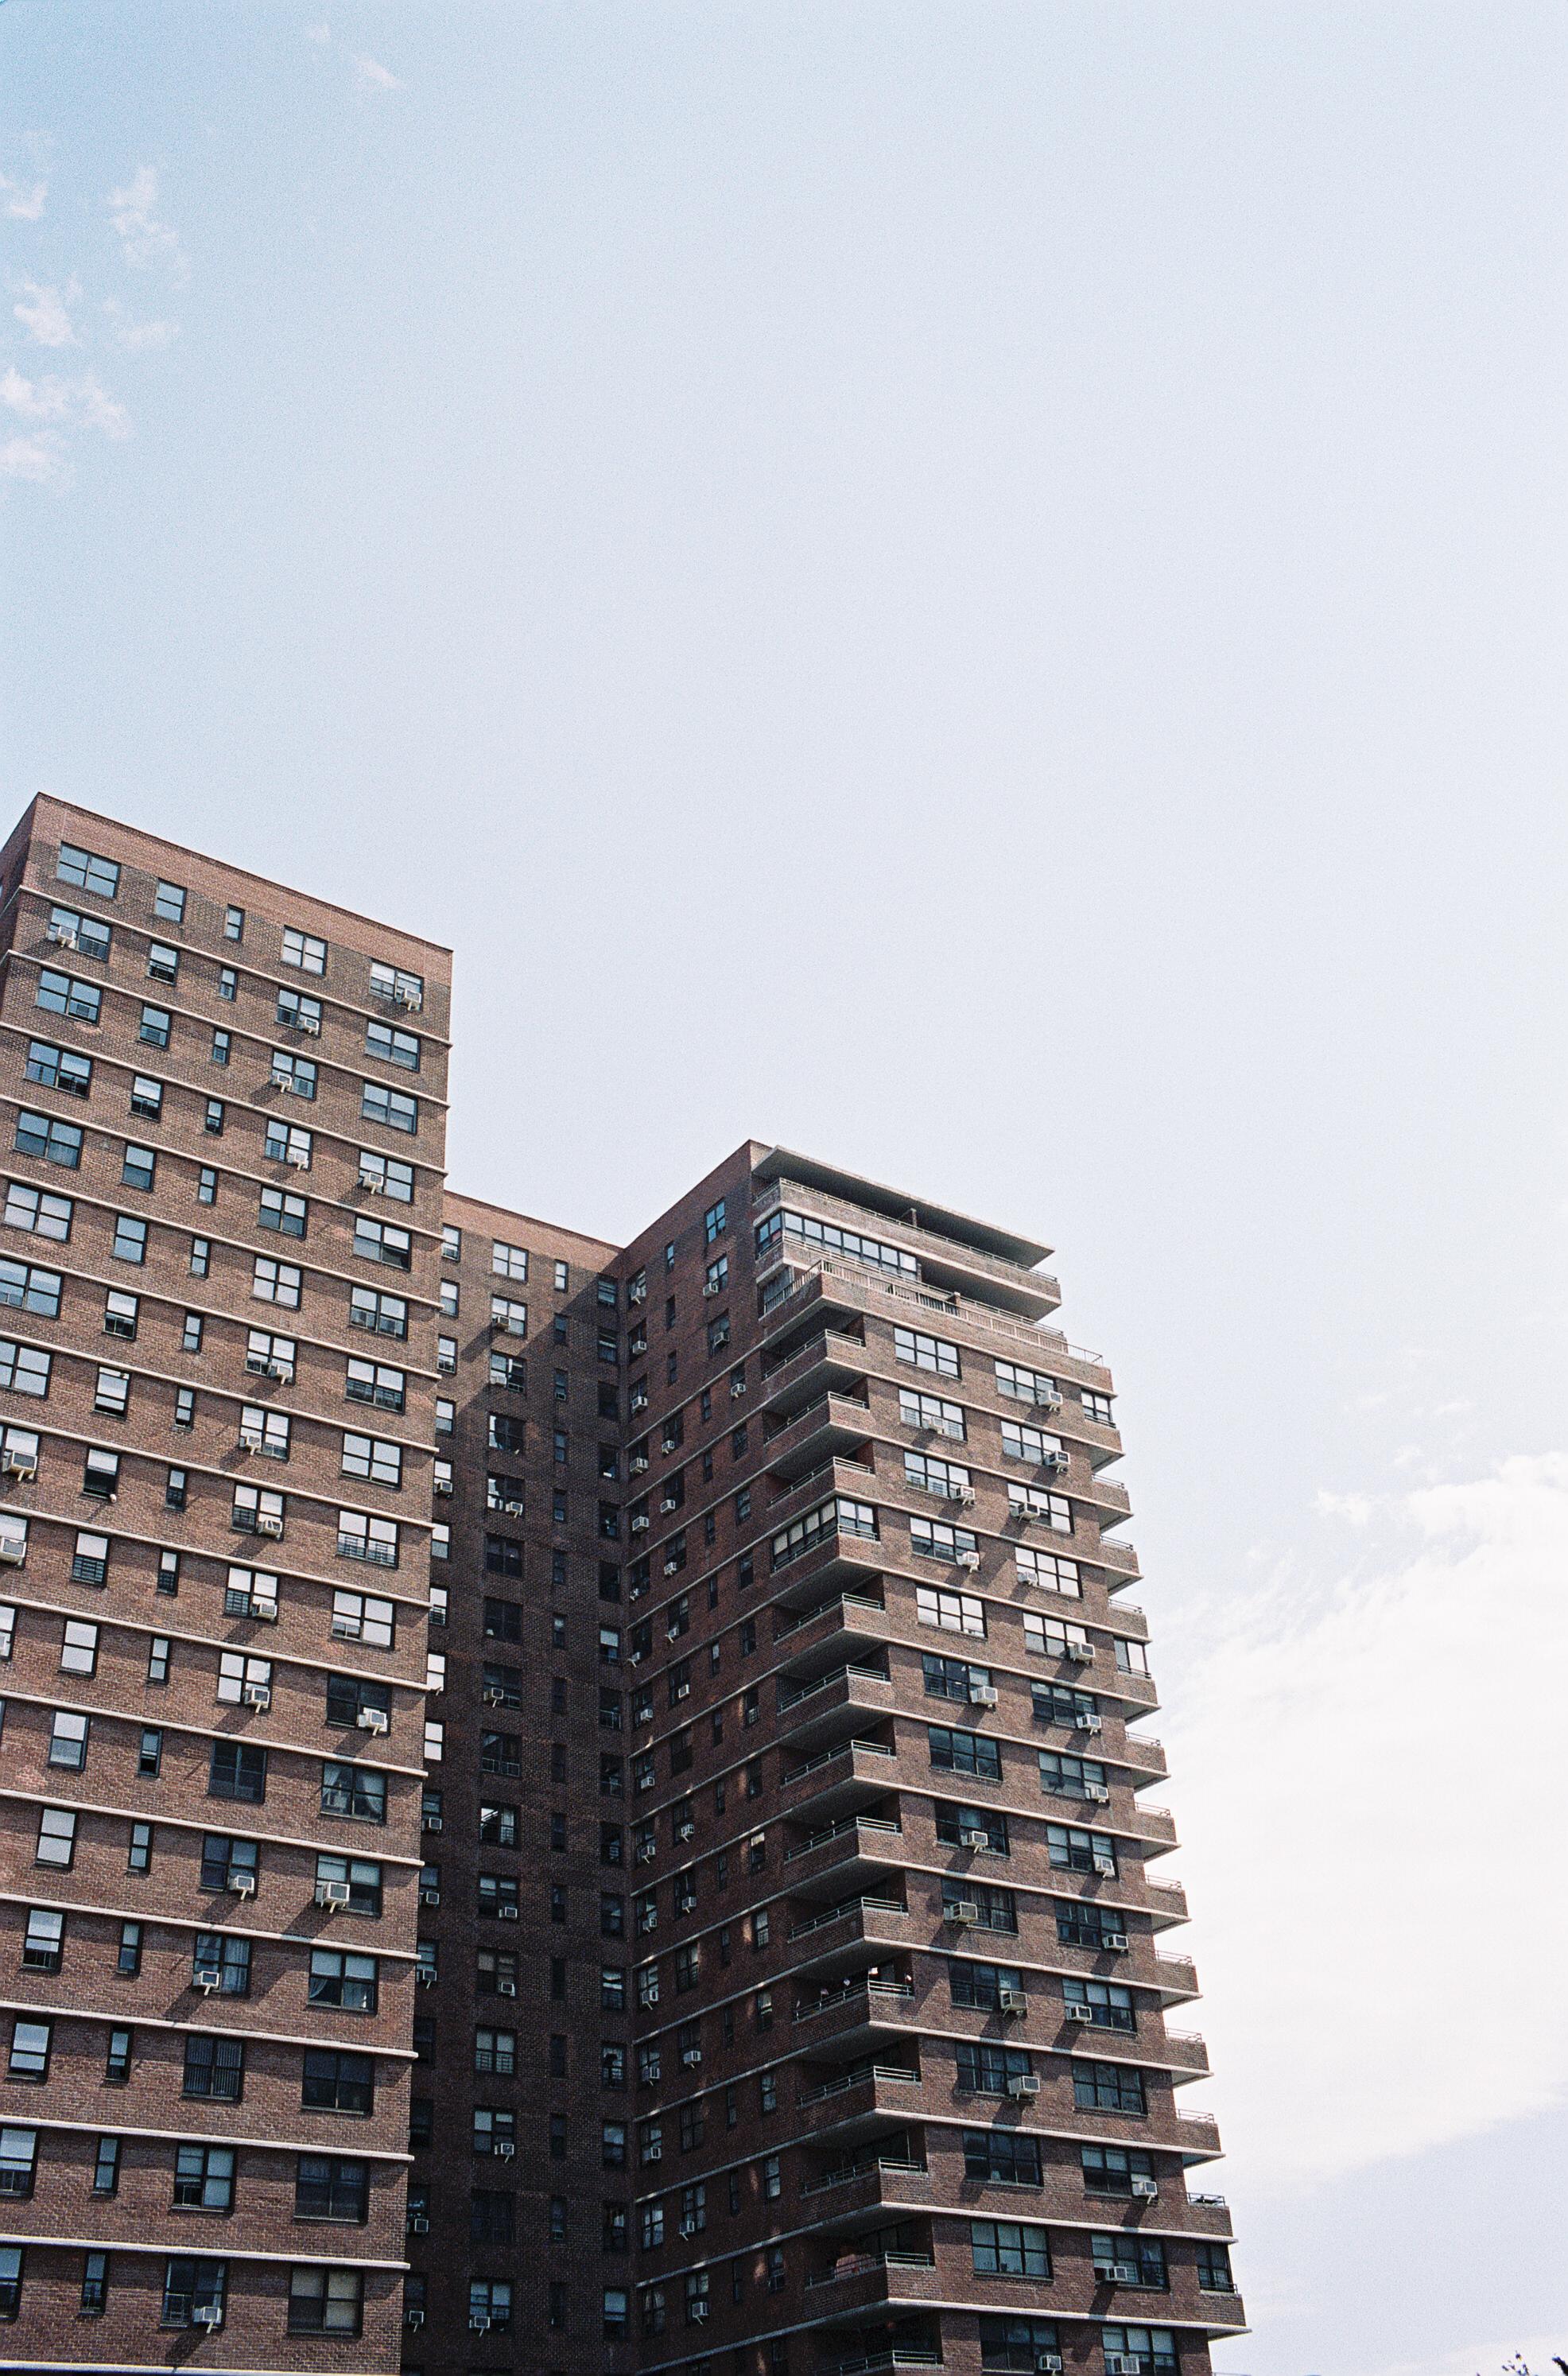 taking-in-new-york-7.jpg